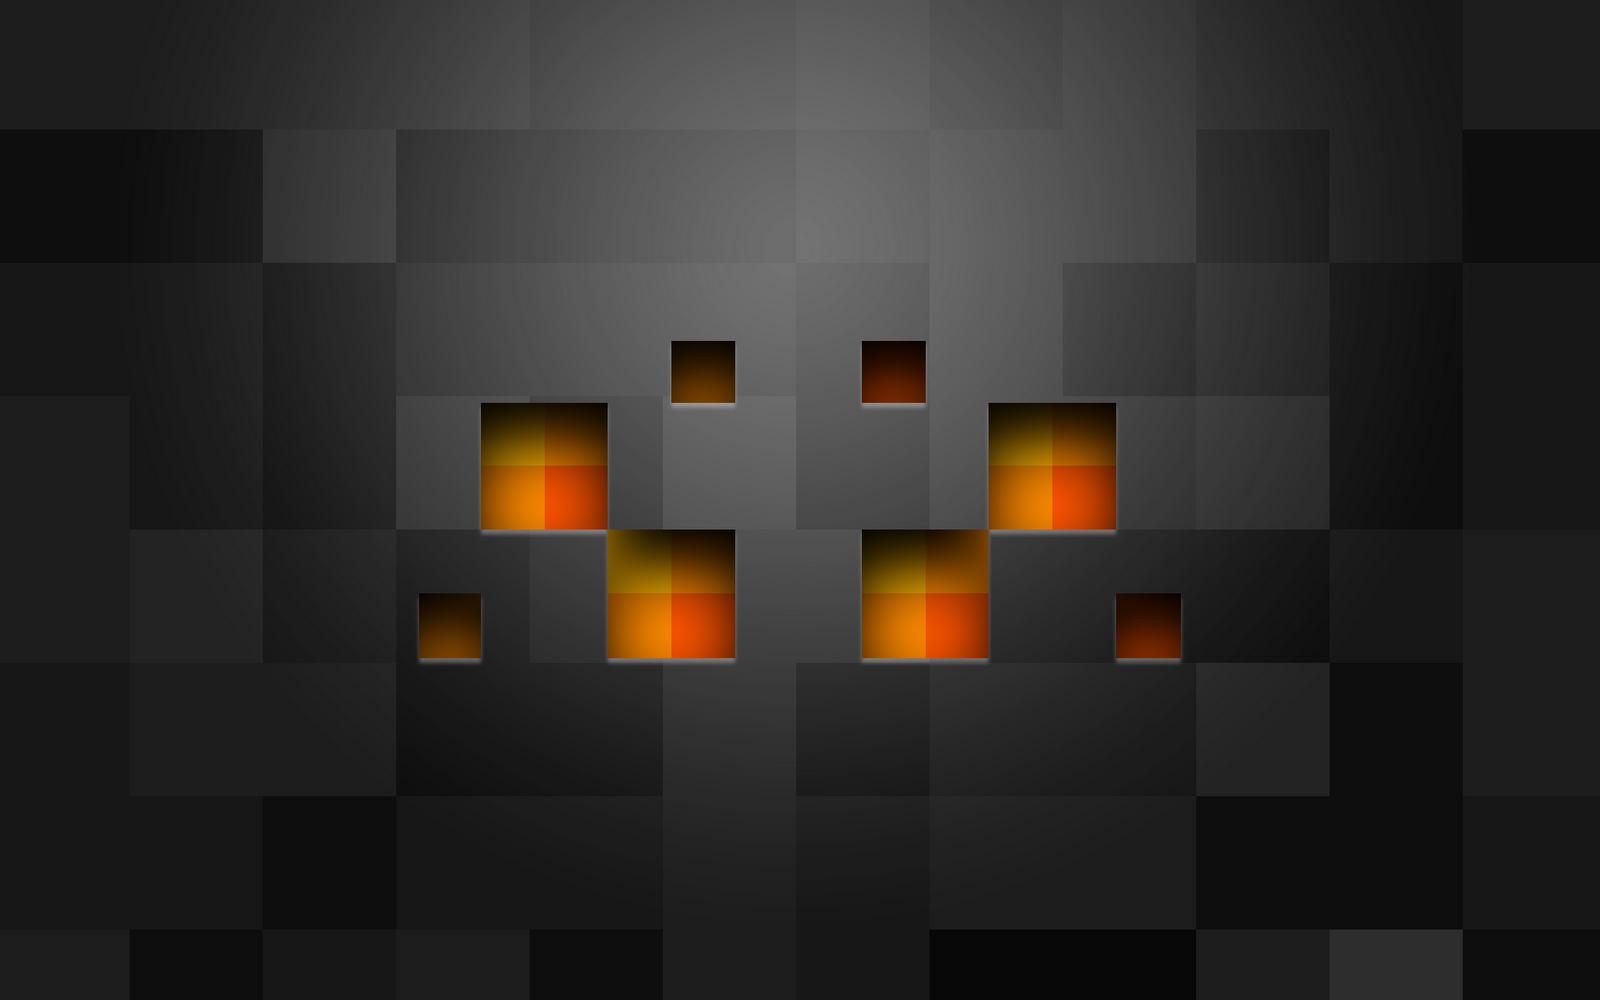 Cuanto se puede hacer en un mundo pixelado? Minecraft-minecraft-19670593-1600-1000